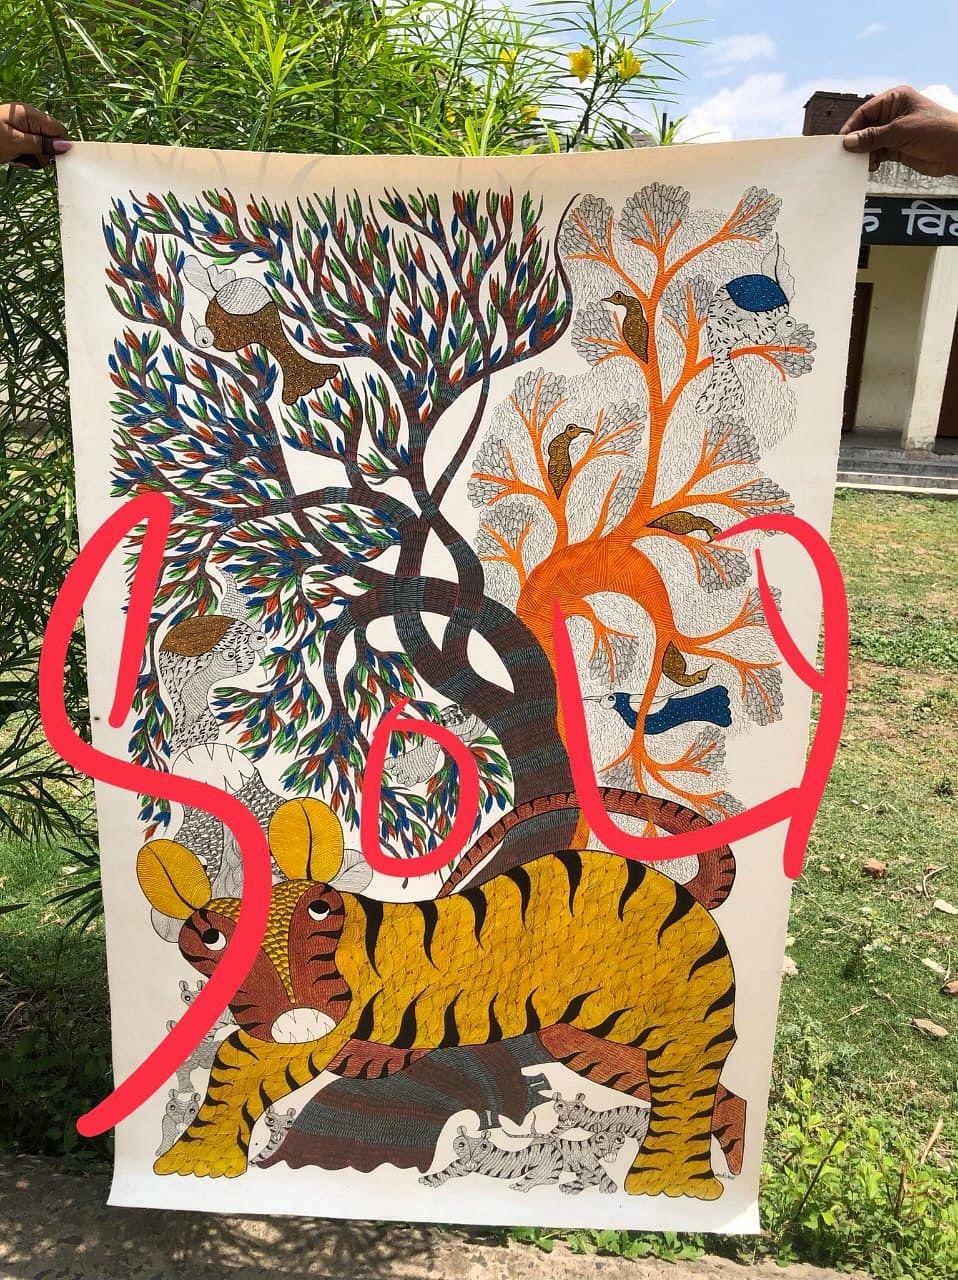 Balmati's artwork